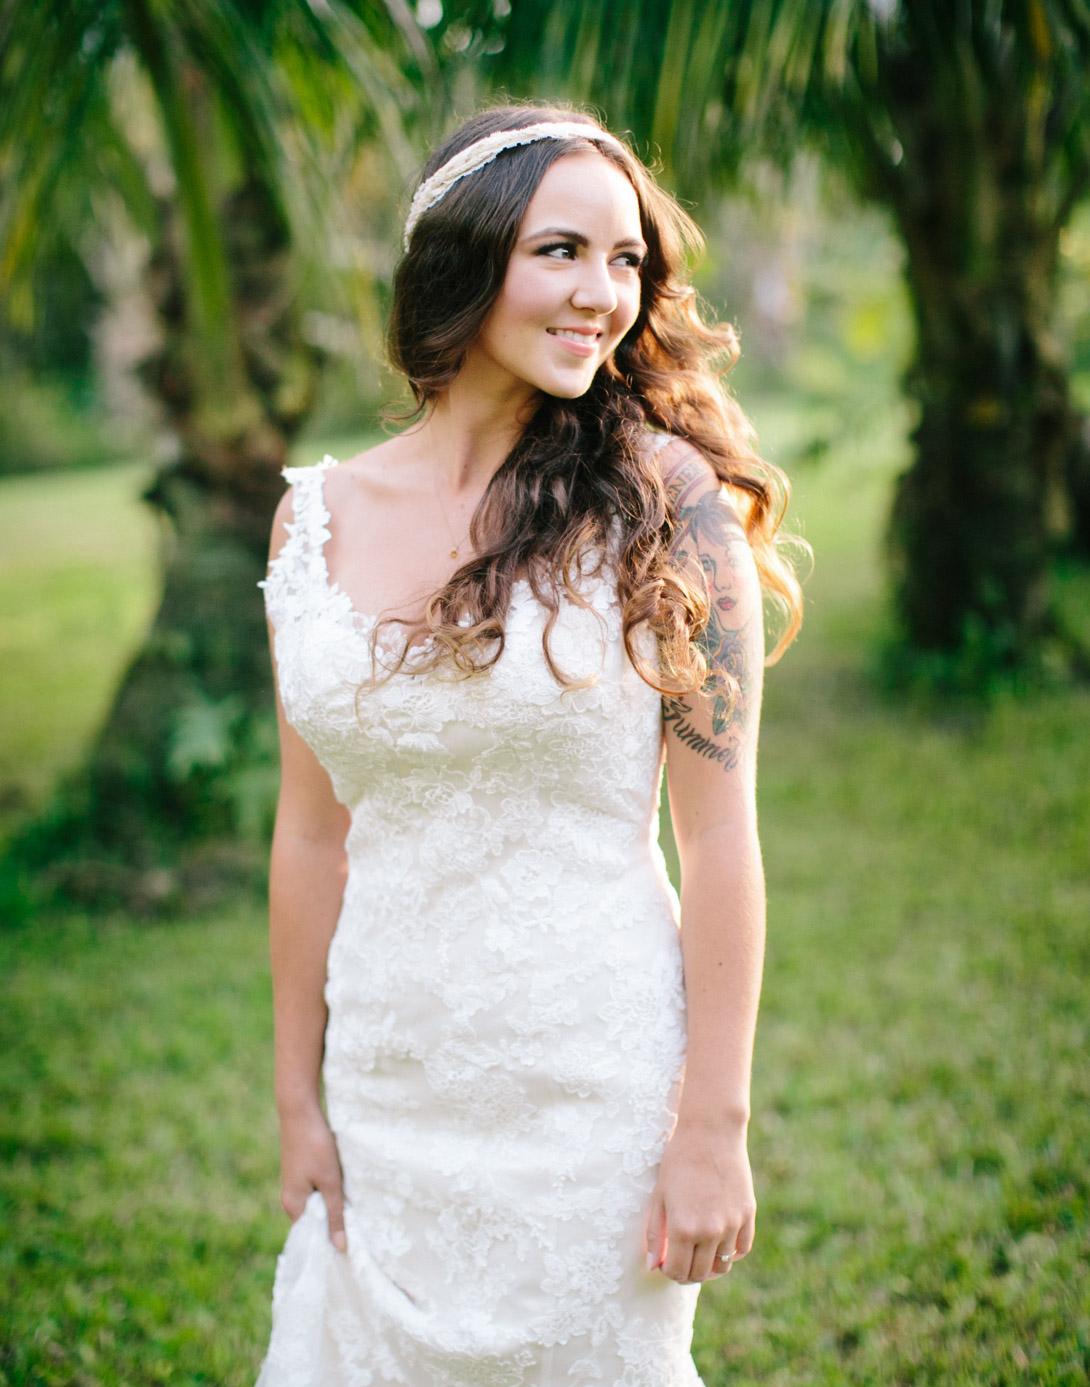 pahoa-wedding-big-island-hawaii-4